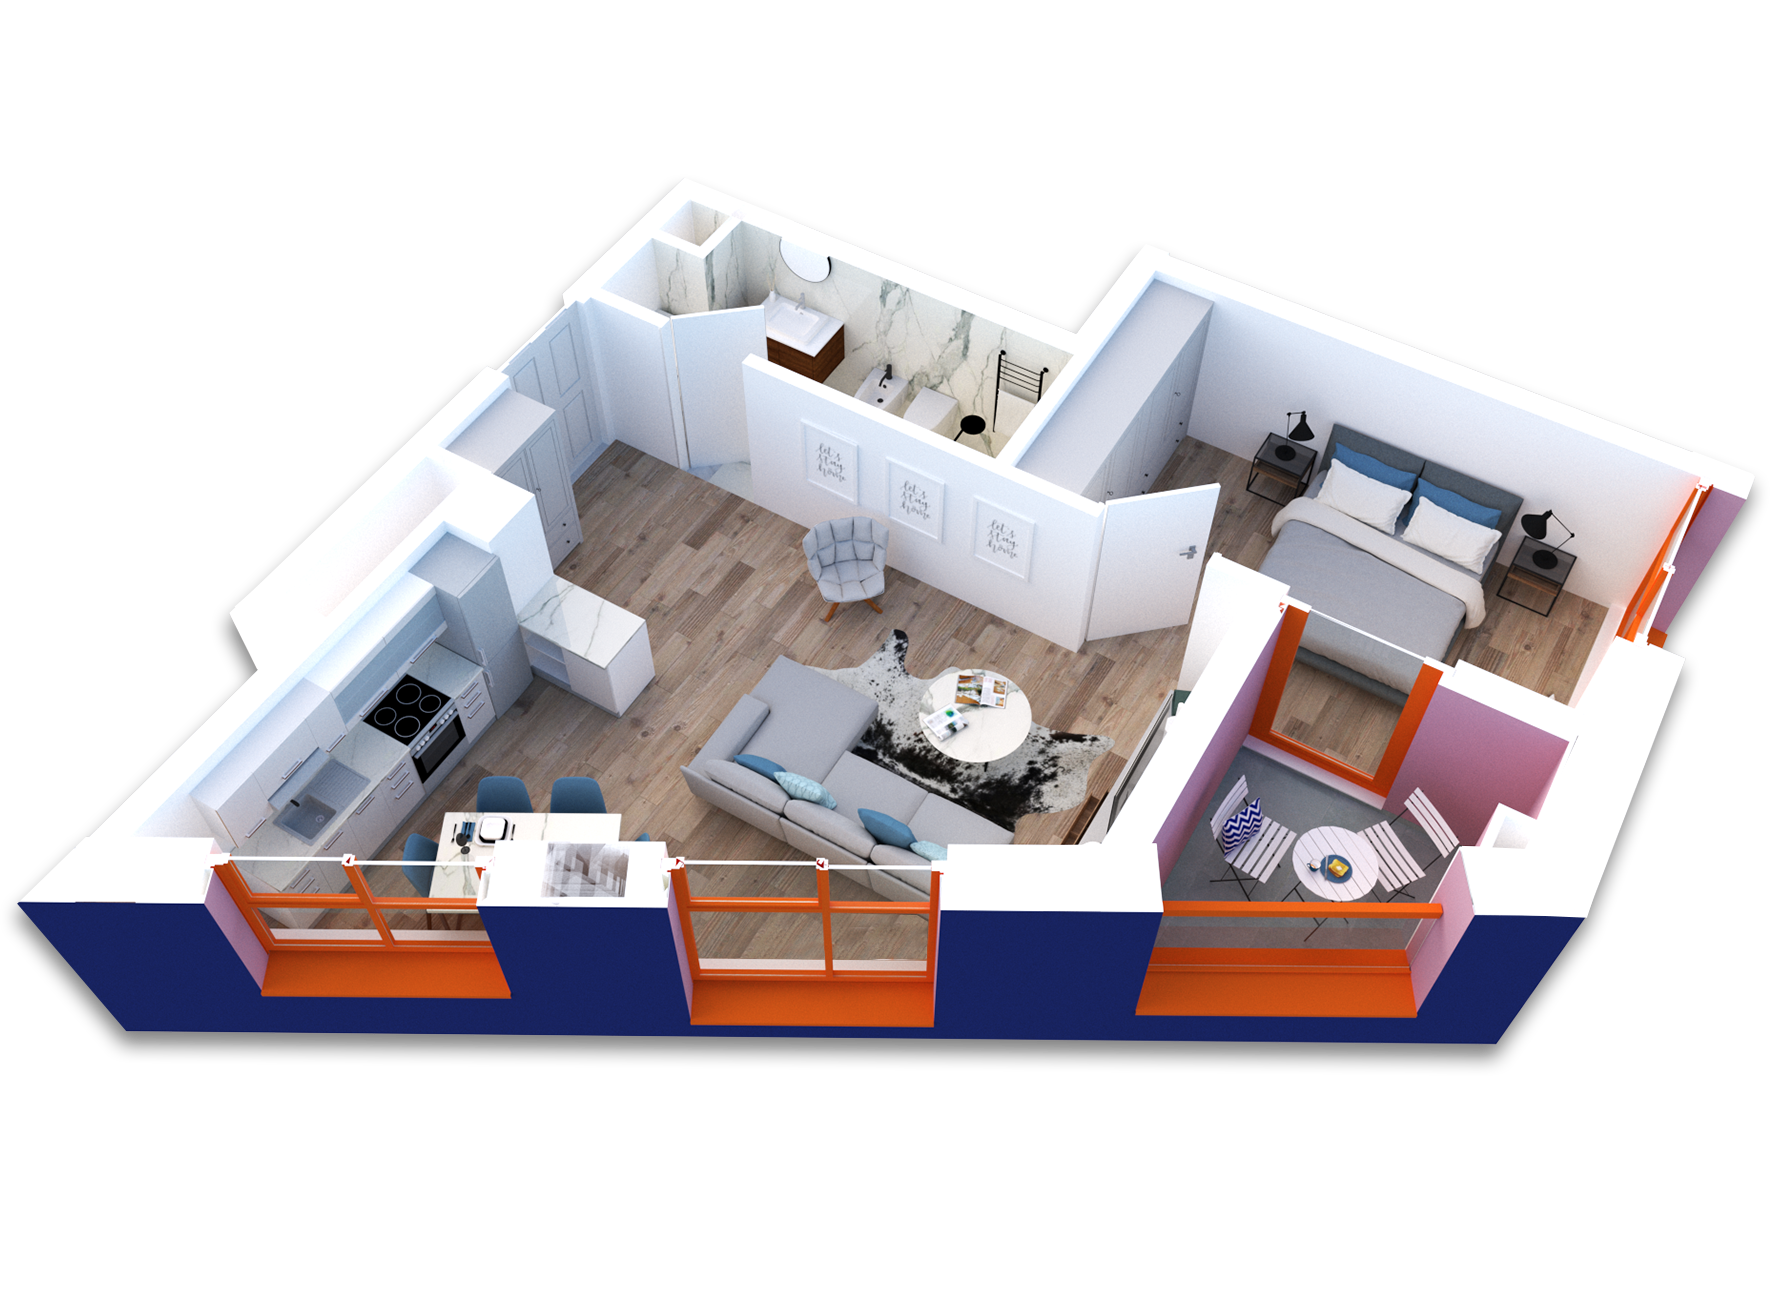 Apartament 1+1 në shitje në Tiranë - Mangalem 21 Shkalla 21 Kati 4